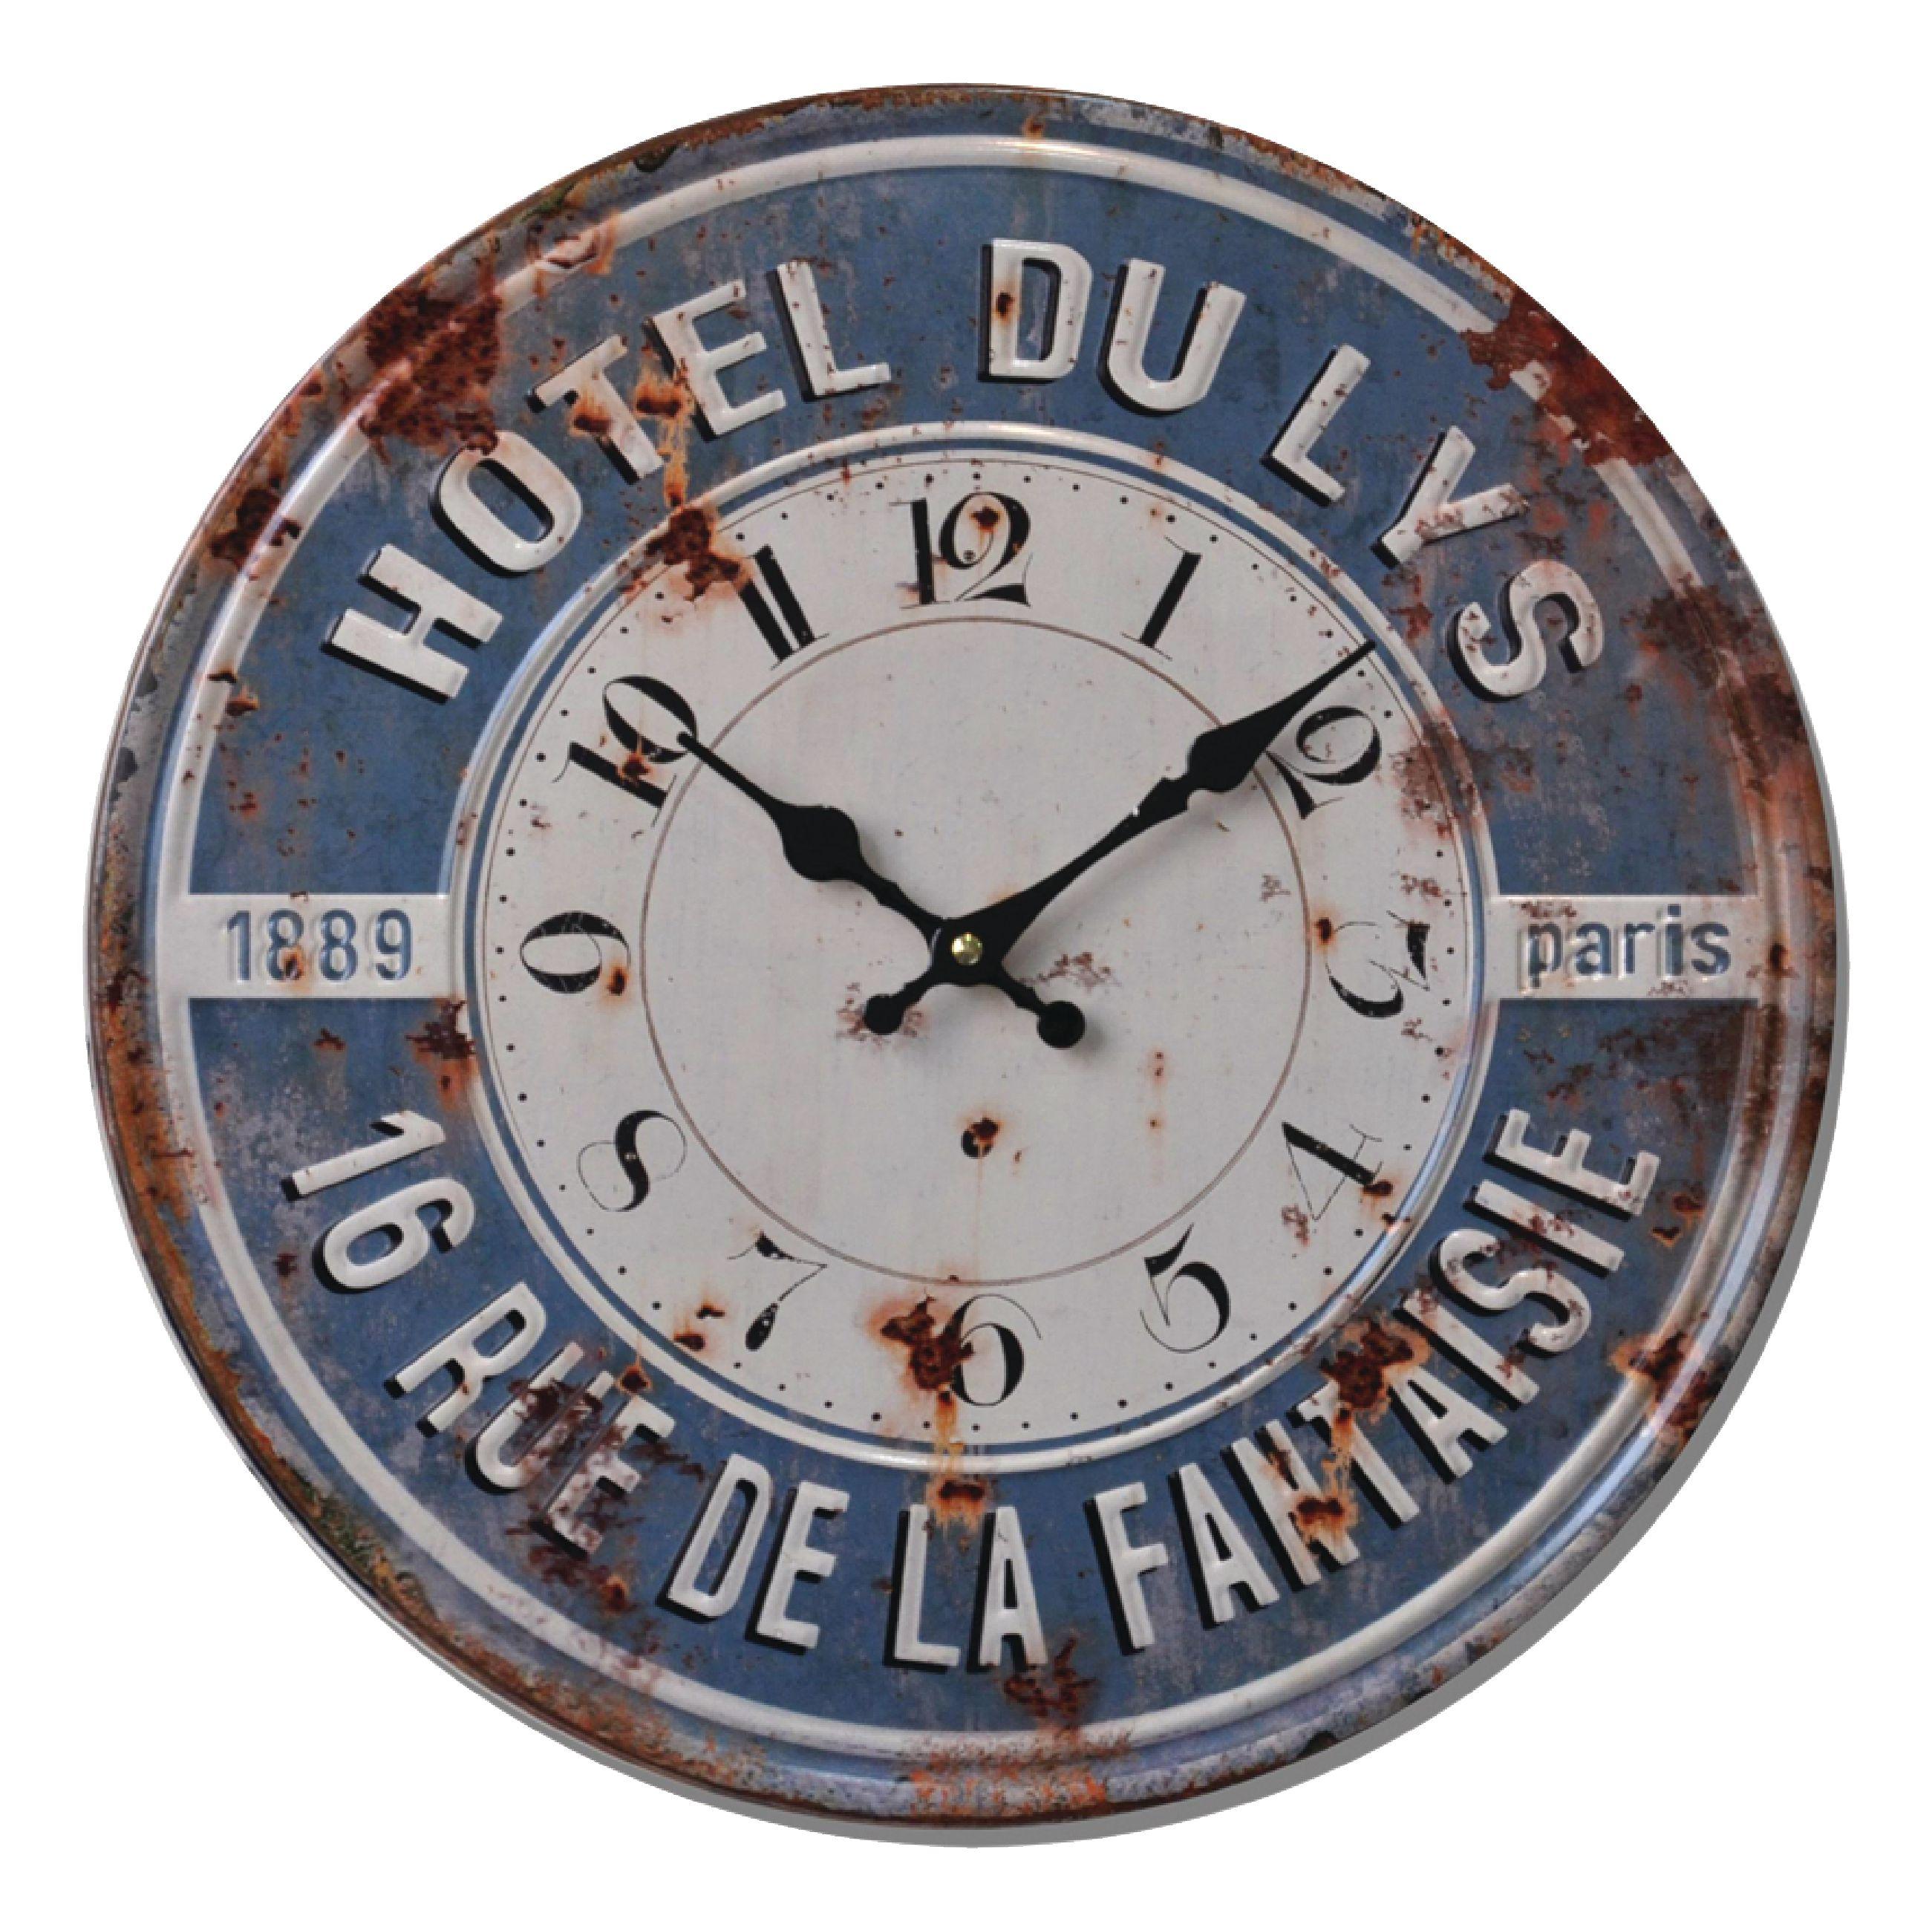 Retro analogové nástěnné hodiny 40 cm Balance 596981